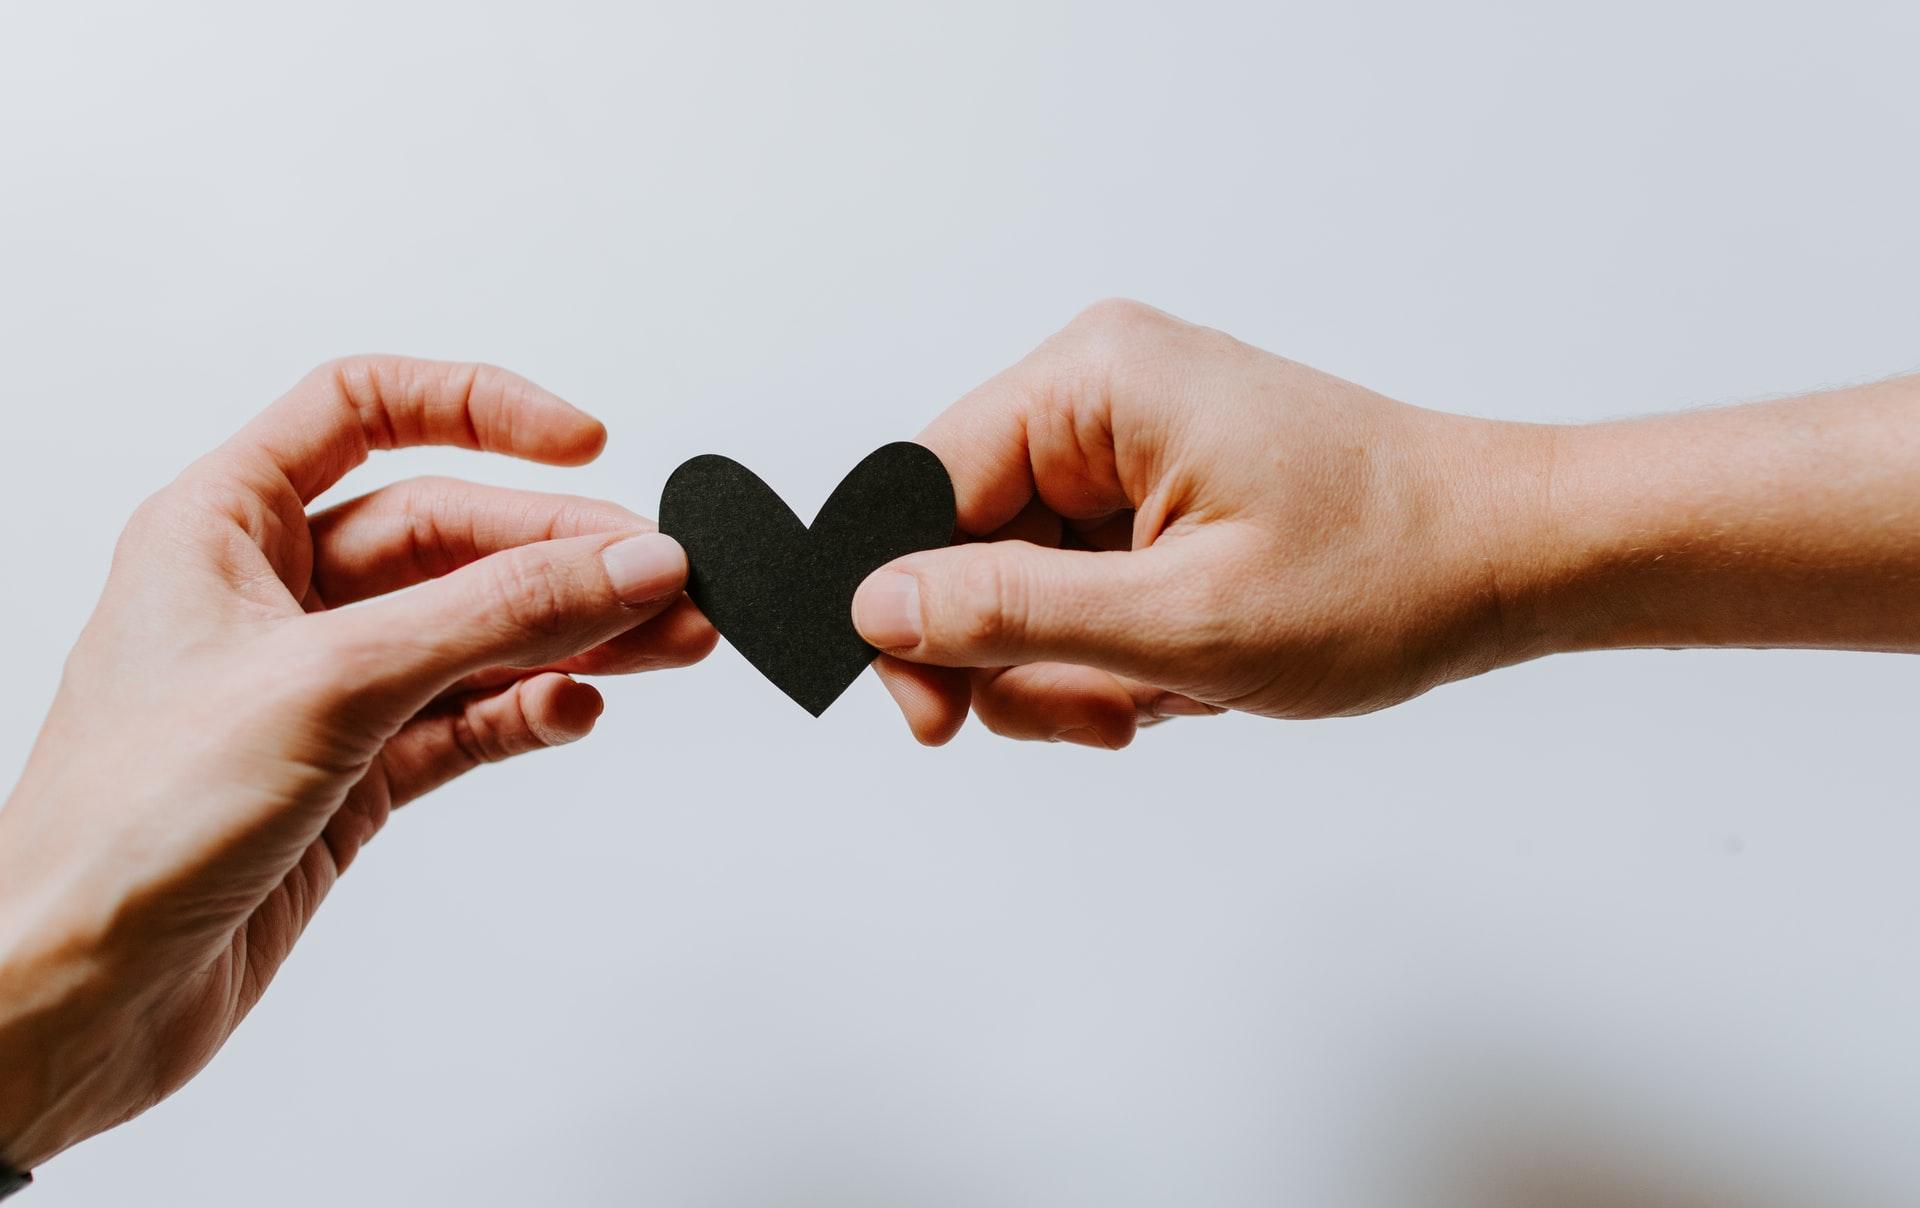 Wie kann man eine erfolgreiche Fernbeziehung führen?